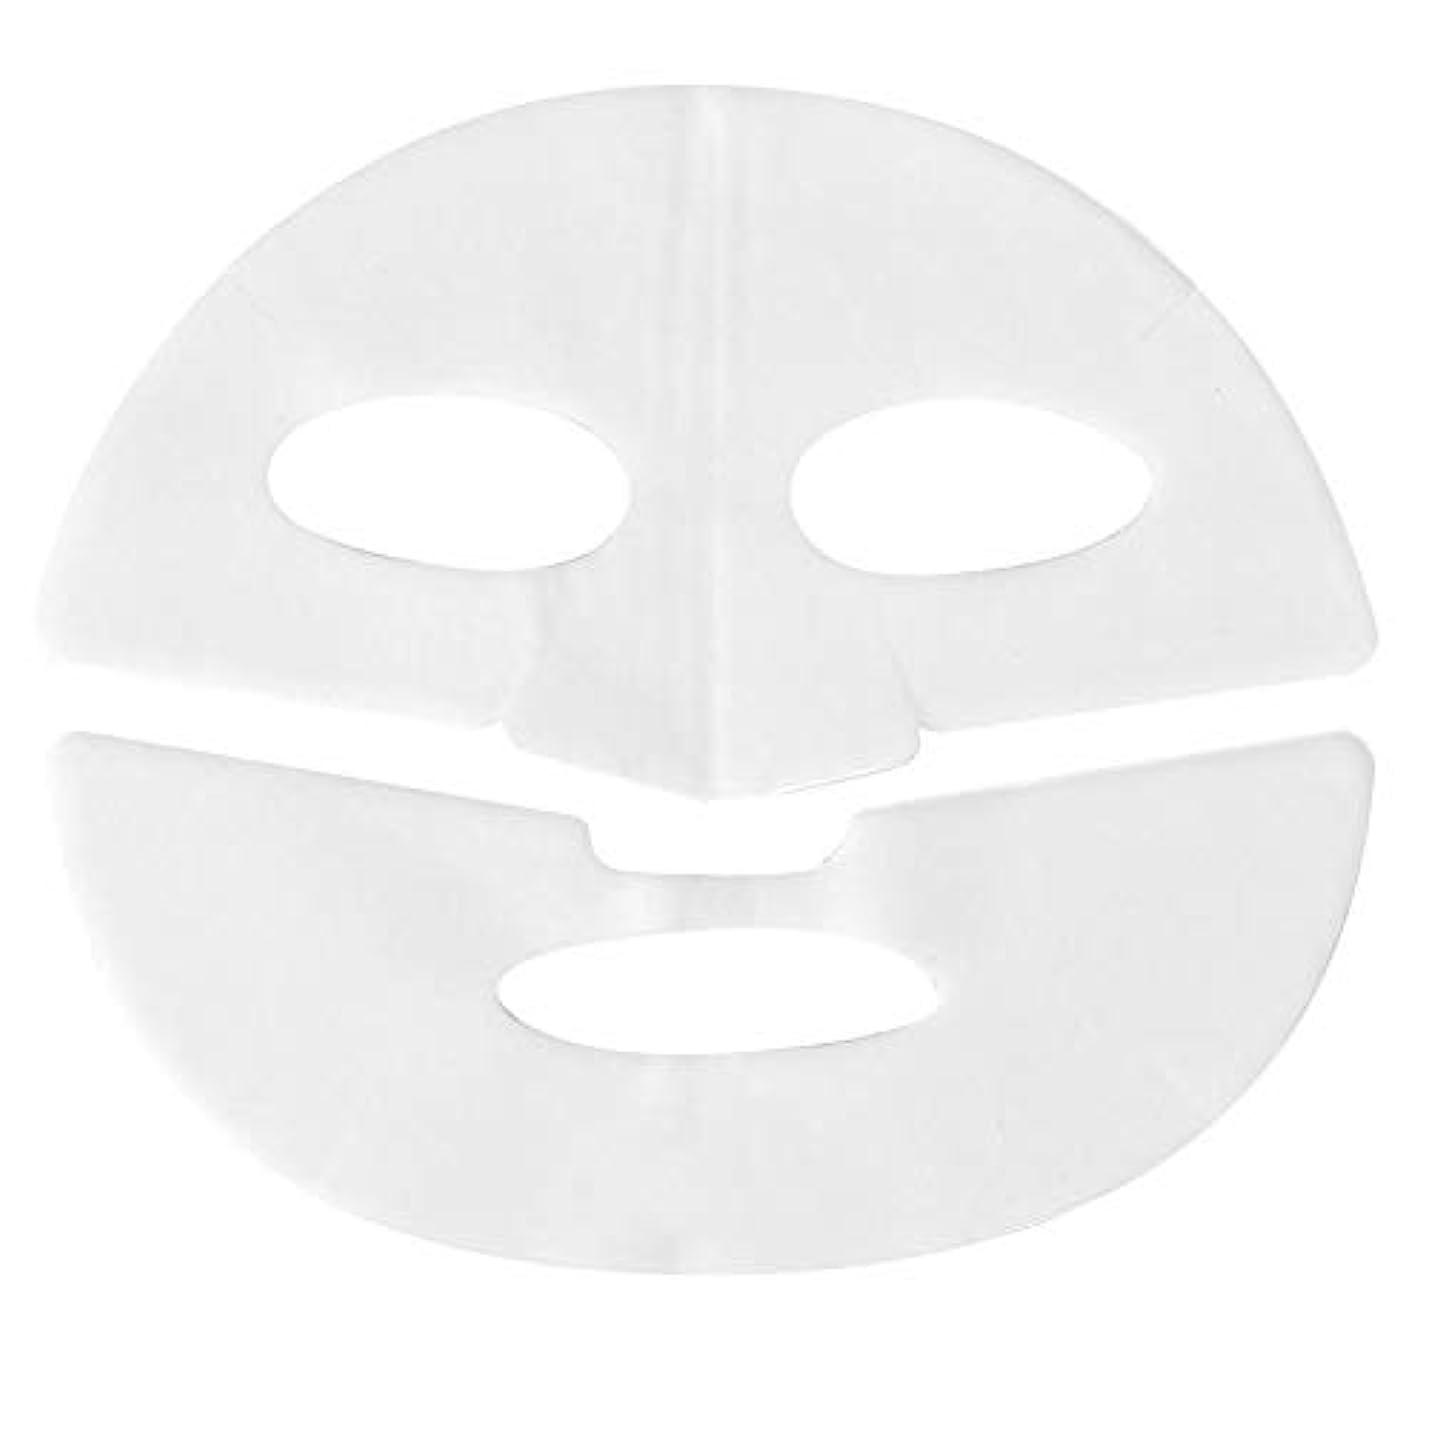 締めるケント寸前10 PCS痩身マスク - 水分補給用V字型マスク、保湿マスク - 首とあごのリフト、アンチエイジング、しわを軽減